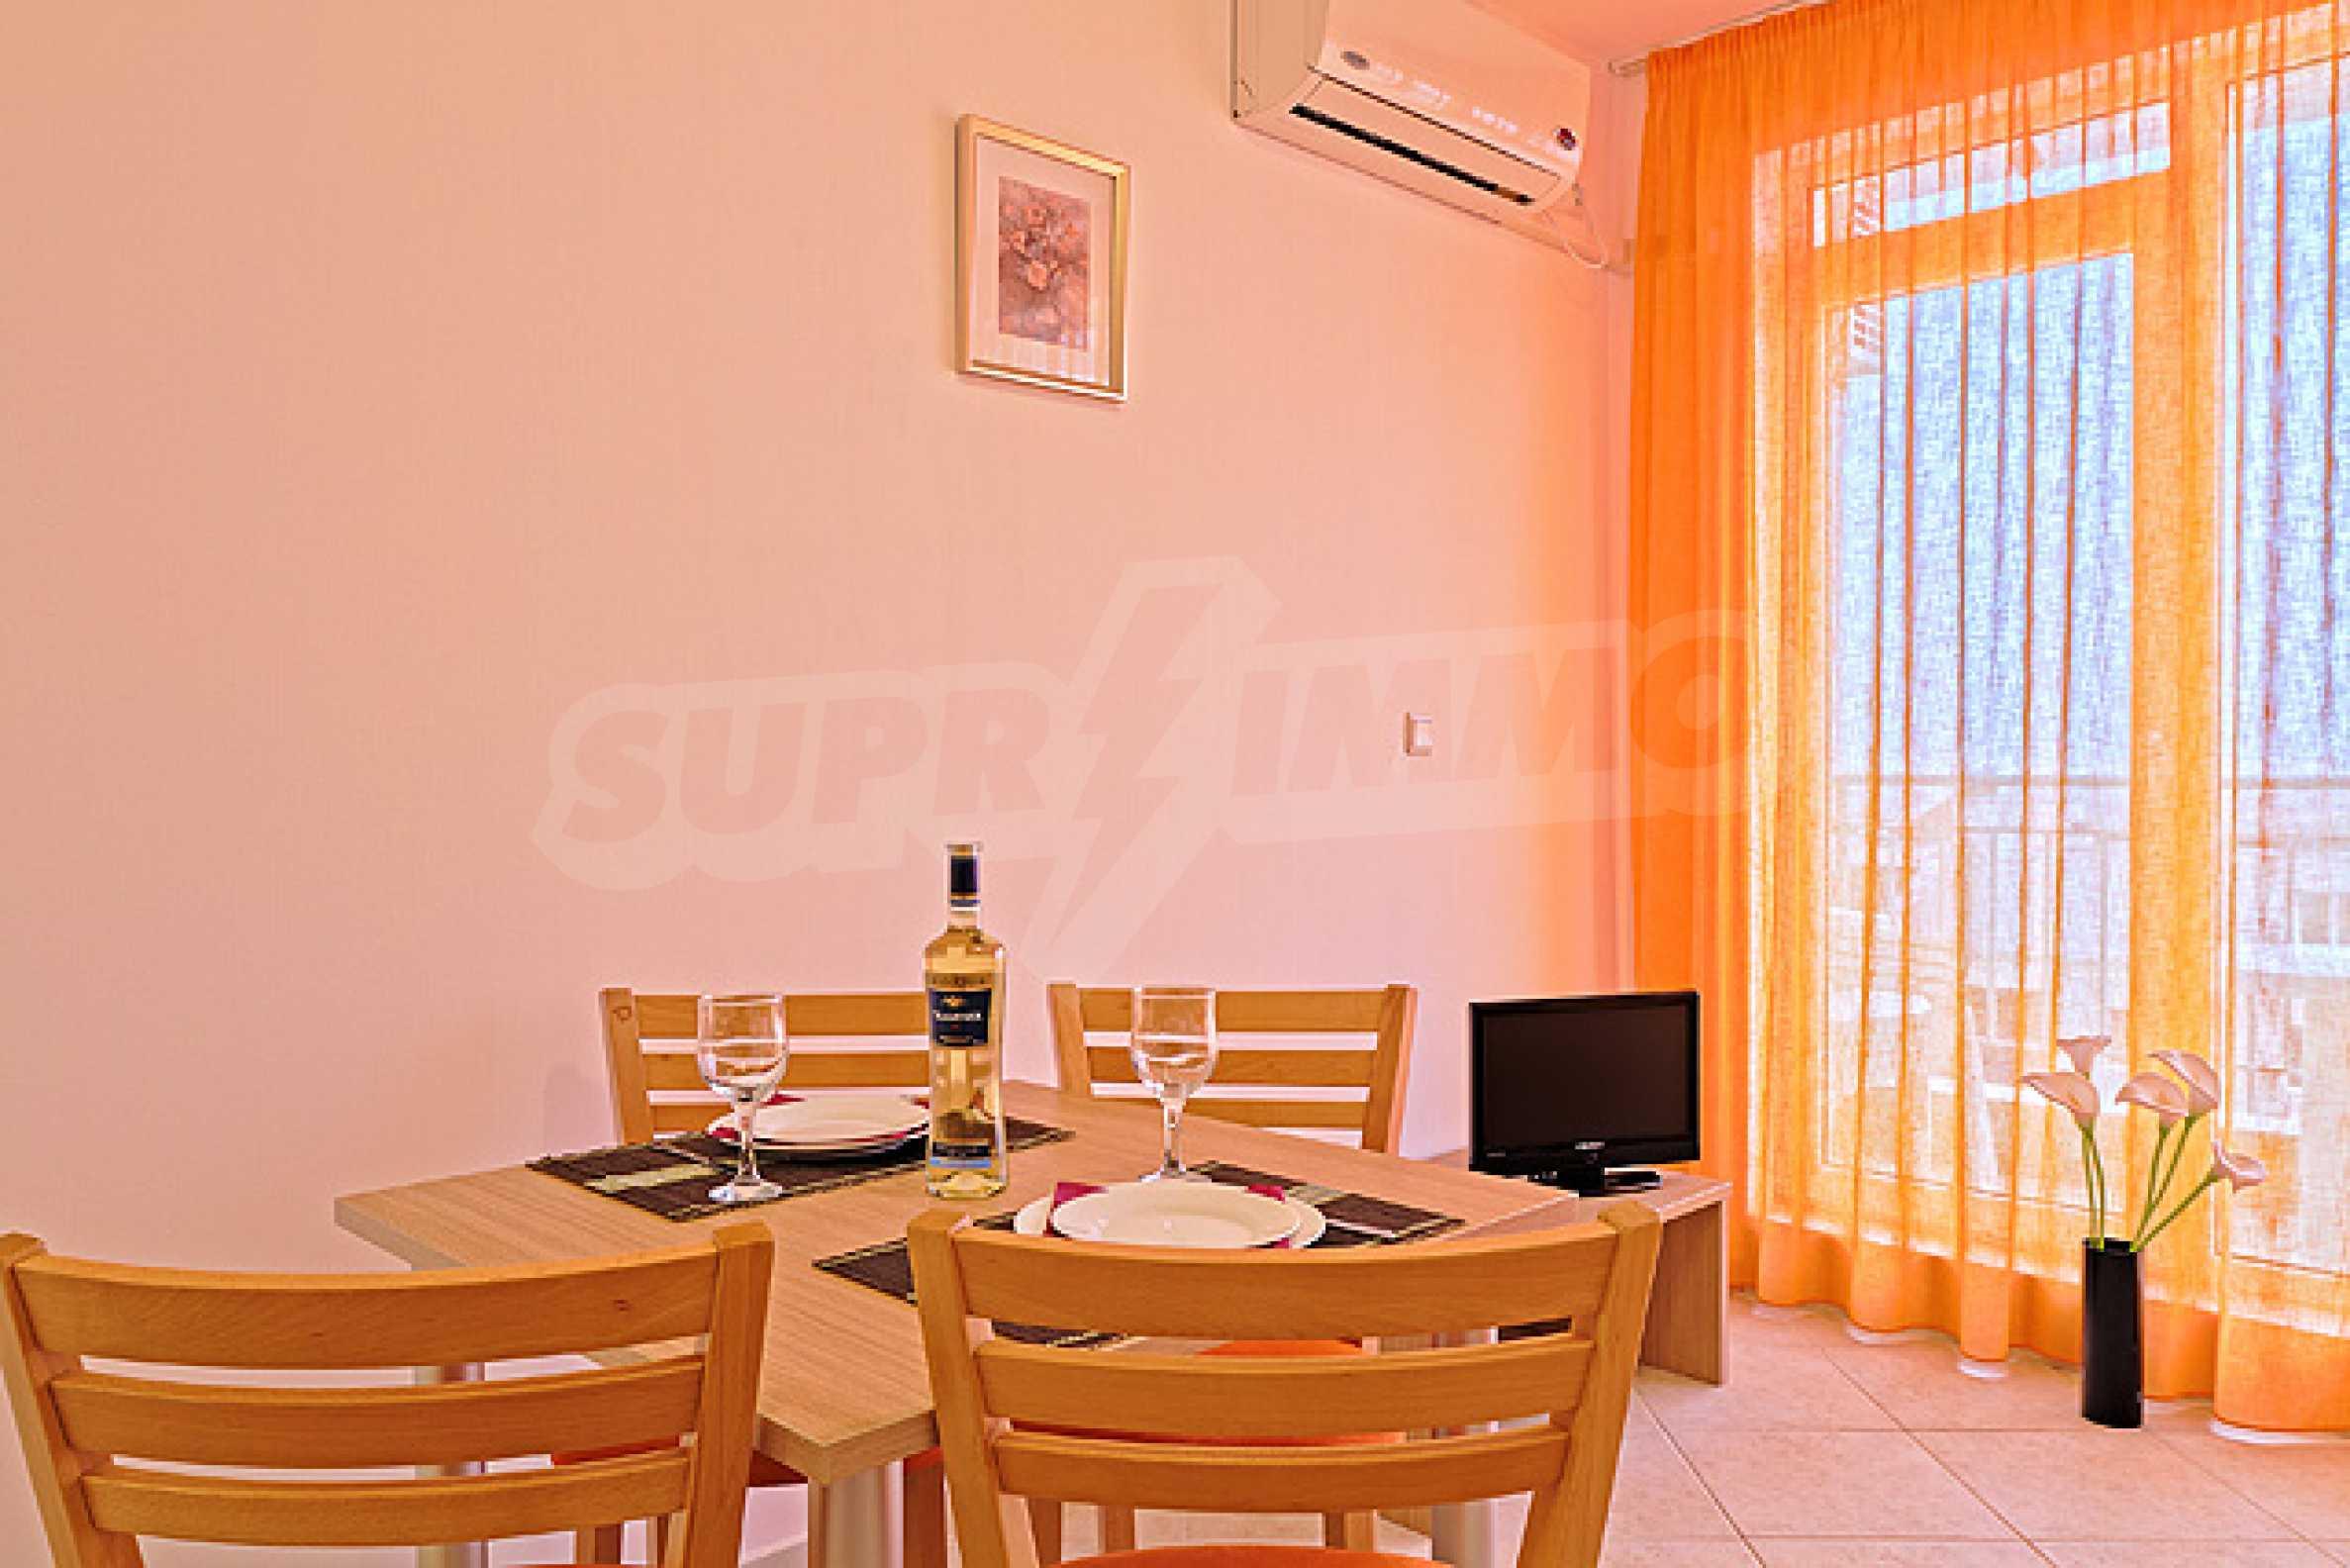 Sunset Kosharitsa - Apartments in einem attraktiven Berg- und Seekomplex, 5 Autominuten vom Sonnenstrand entfernt 15